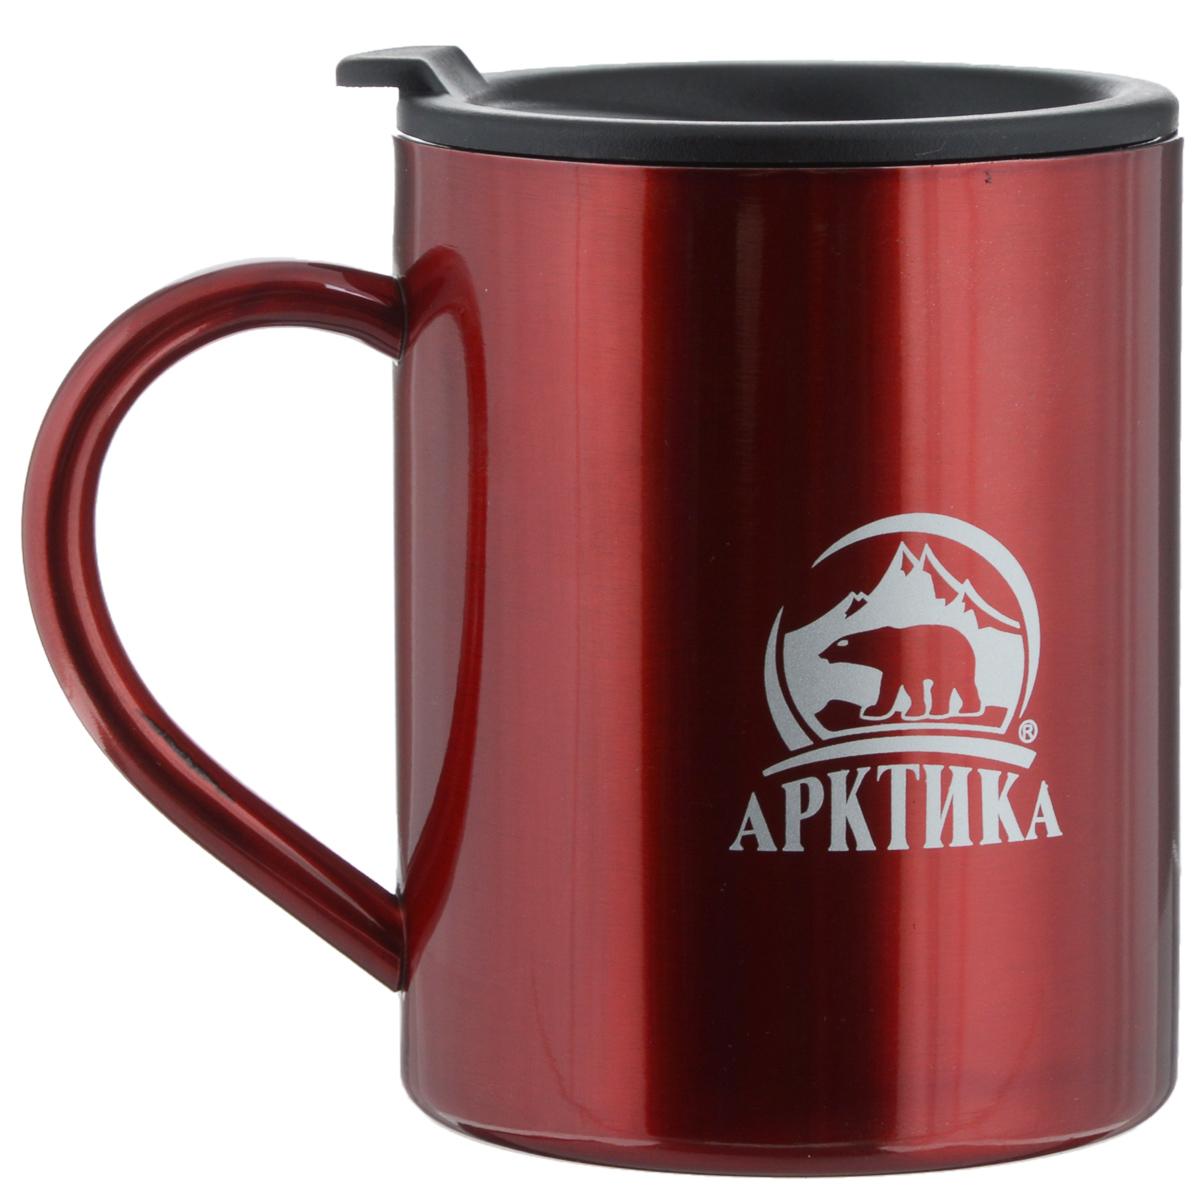 Термокружка Арктика, цвет: красный, черный, 400 млa026124Термокружка Арктика, изготовленная из высококачественной нержавеющей стали и пищевого пластика, подходит как для холодных, так и для горячих напитков. Имеется пластиковая крышка с силиконовой вставкой. В ней расположено отверстие, через которое можно пить.Не рекомендуется использовать в микроволновой печи и мыть в посудомоечной машине.Диаметр кружки (по верхнему краю): 8 см. Высота кружки (без учета крышки): 10 см.